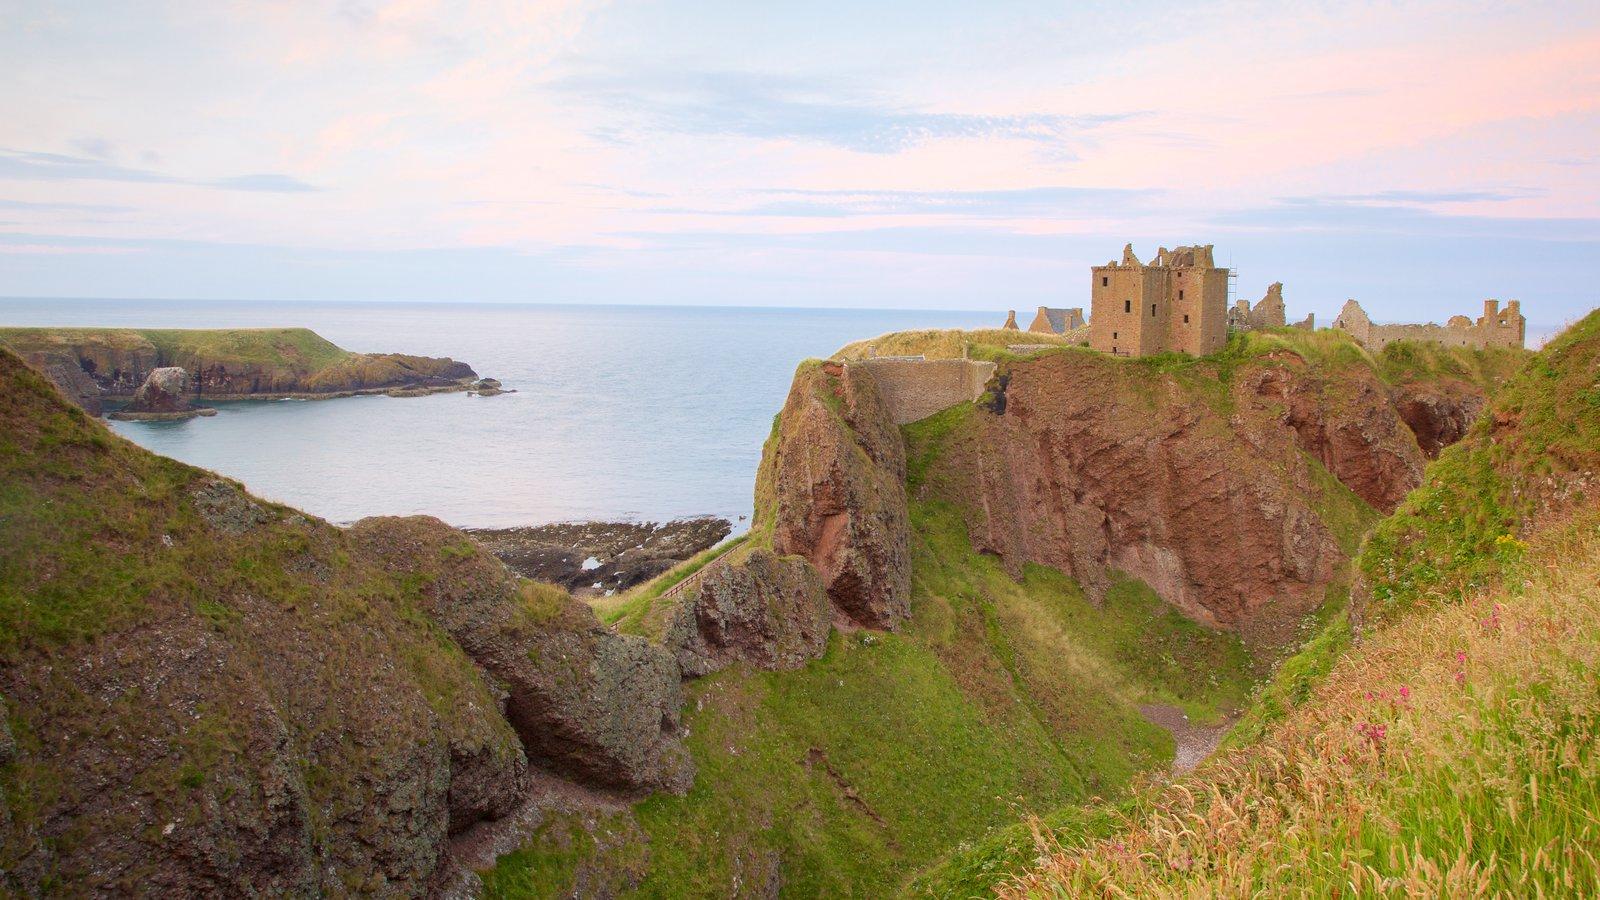 Dunnottar Castle que incluye tierras de cultivo y vistas generales de la costa